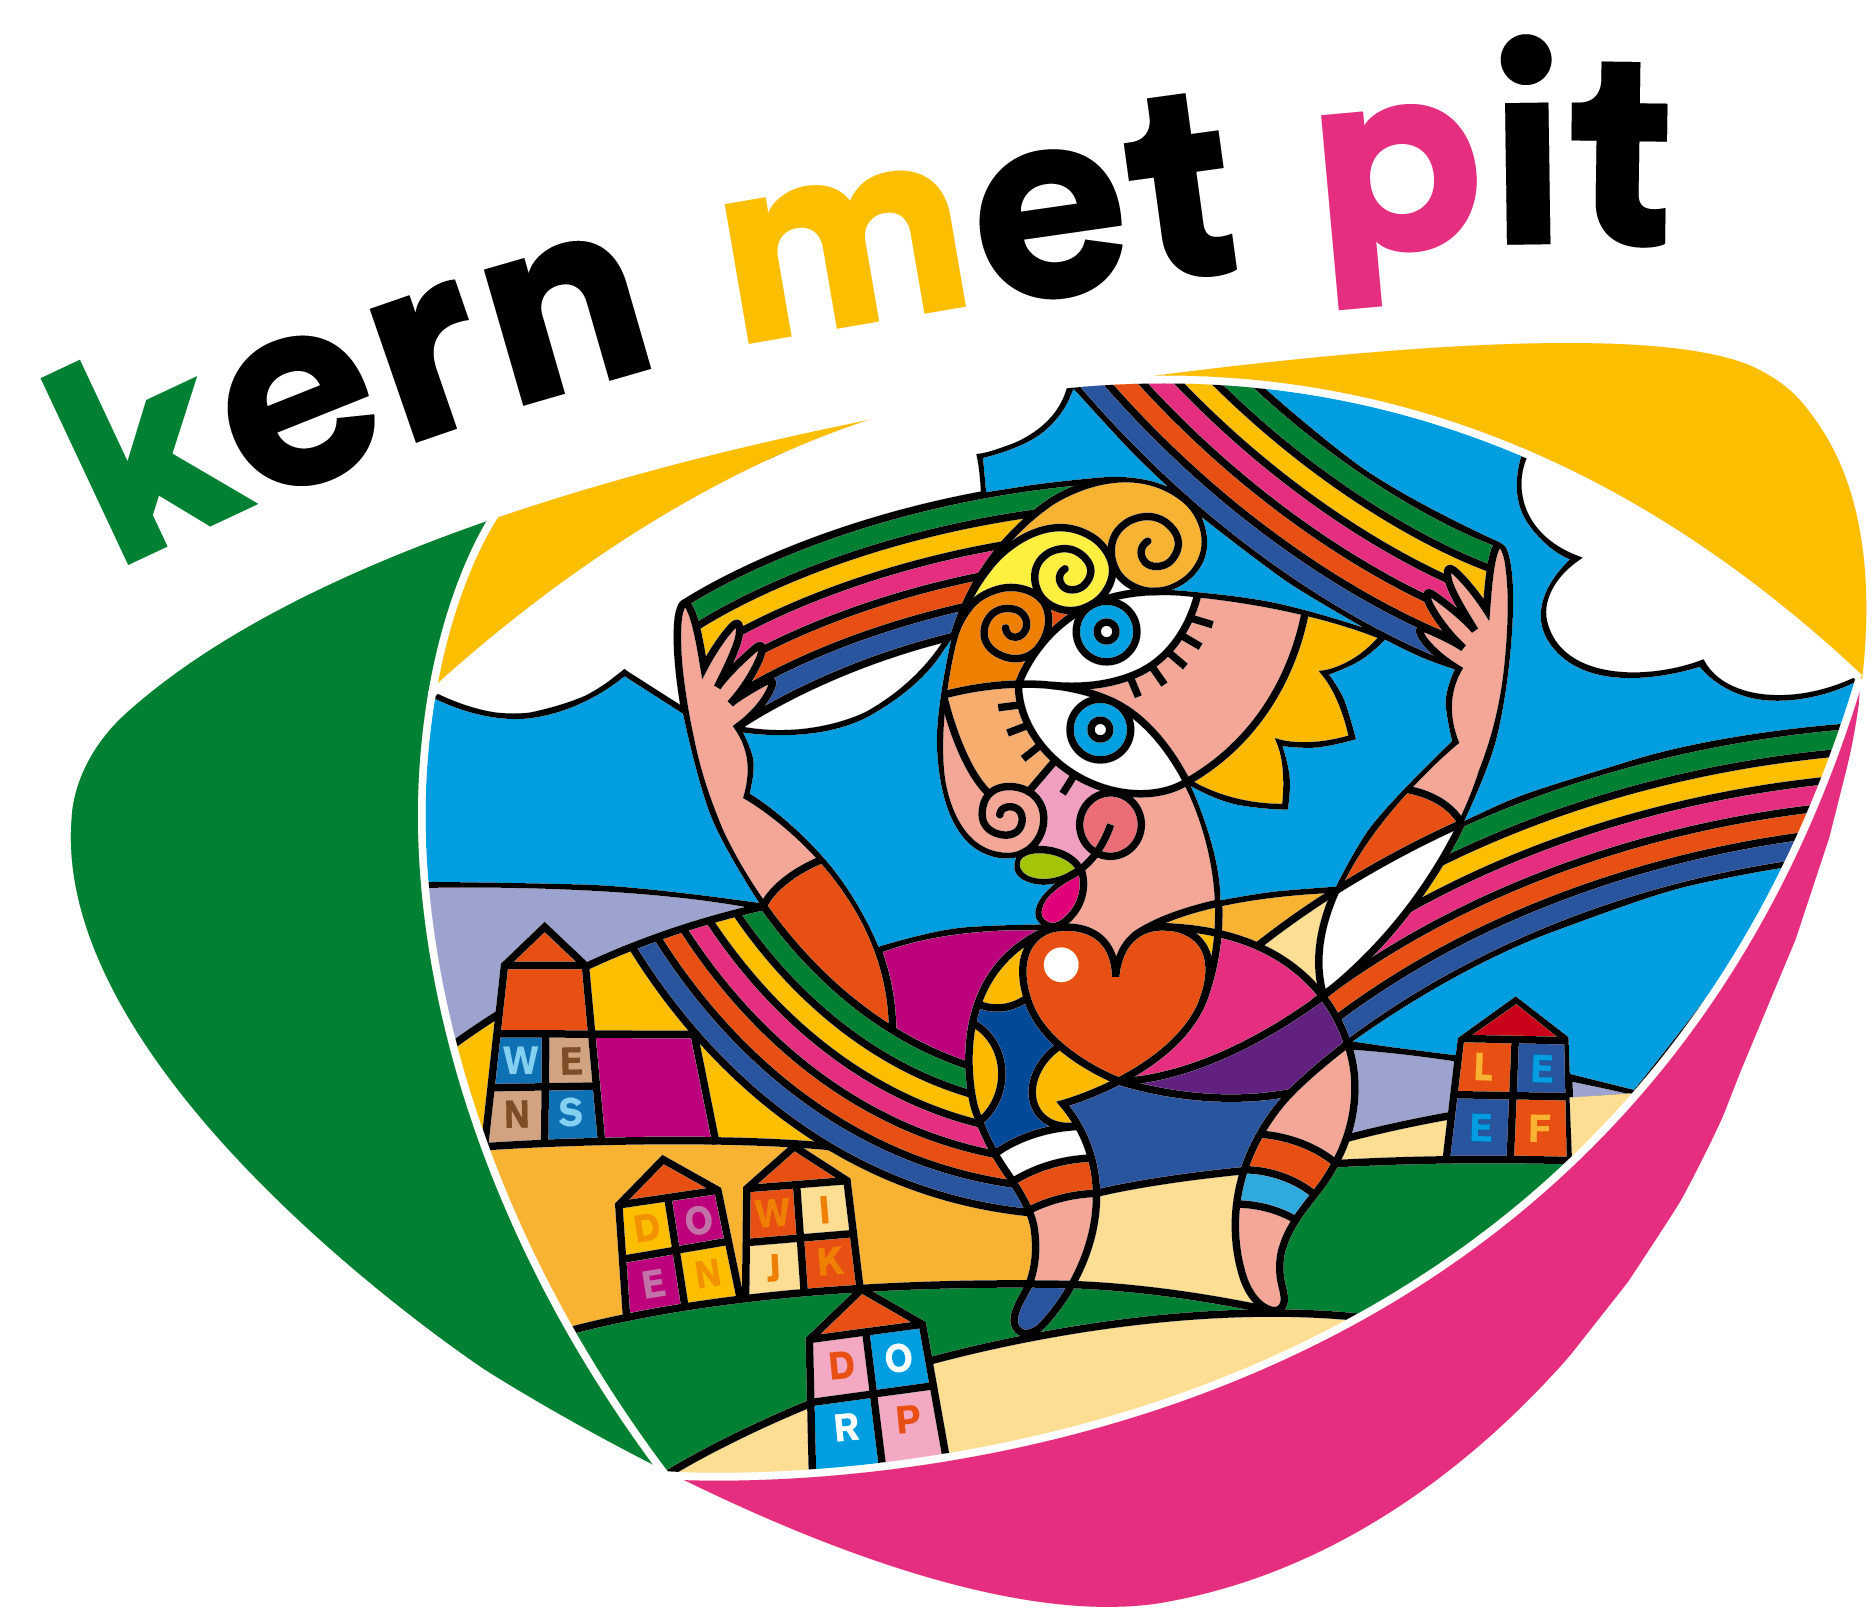 logo kern met pit